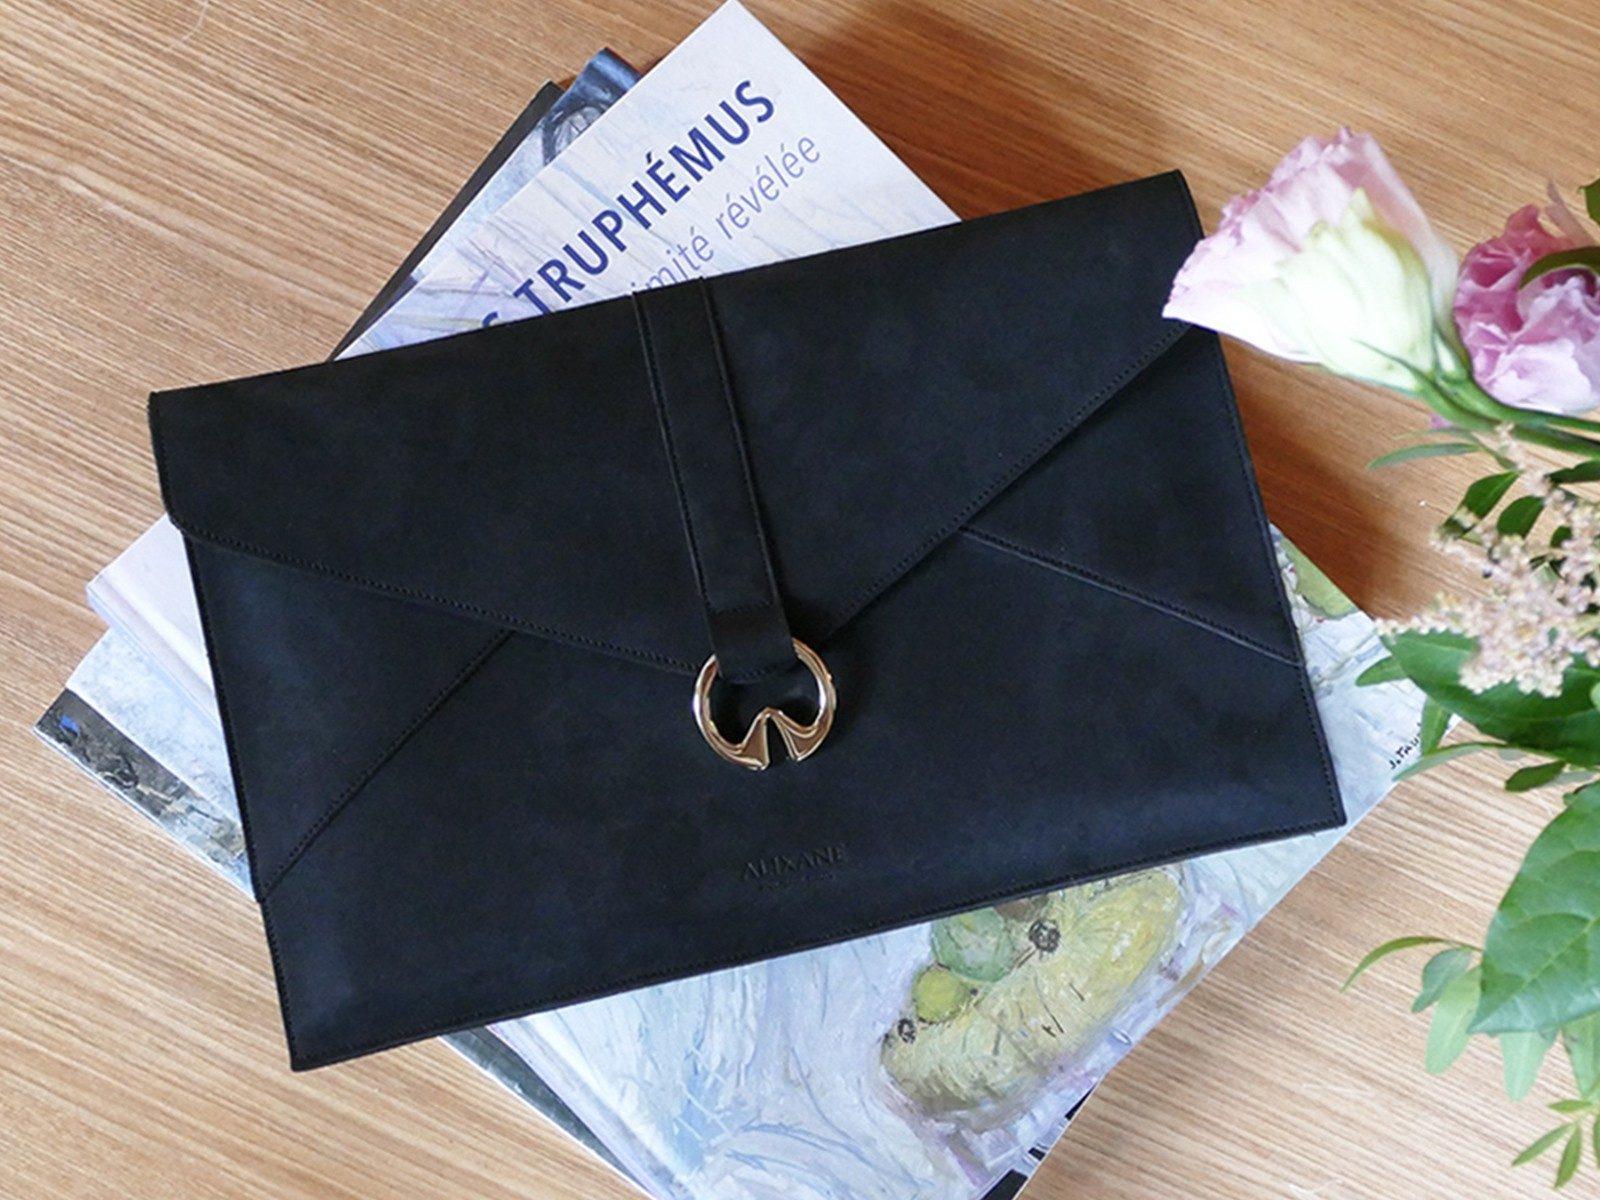 Alixane - pochette Arlequine noire